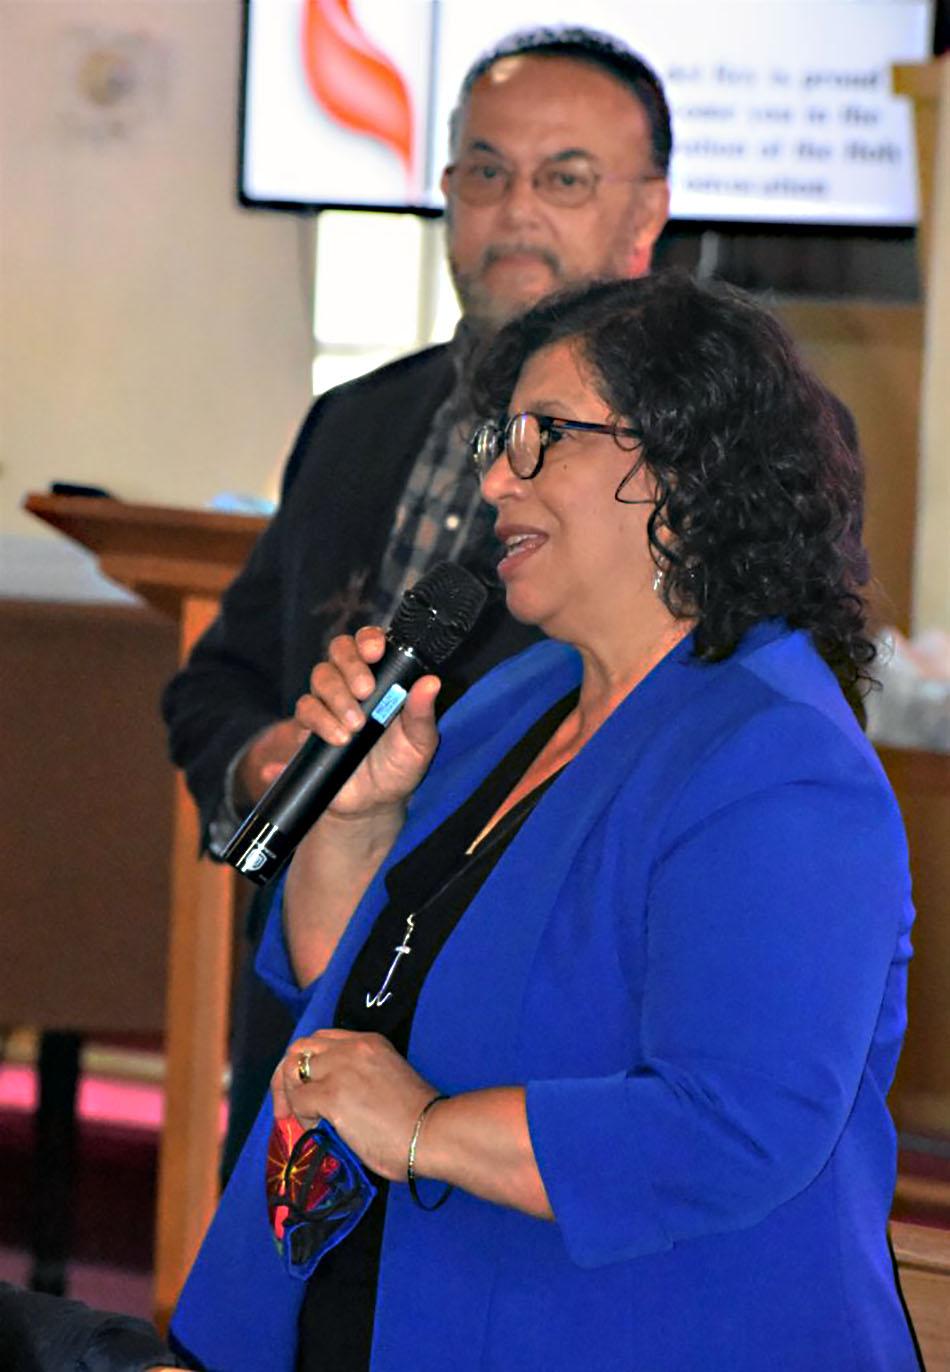 Los/as reverendos/as Luky Cotto (al frente), Coordinadora de Ministerios Latinos e Irving Cotto, Copresidente de la Comisión Latina. Foto por Michelle Cygan, Conferencia Anual del este de Pensilvania.